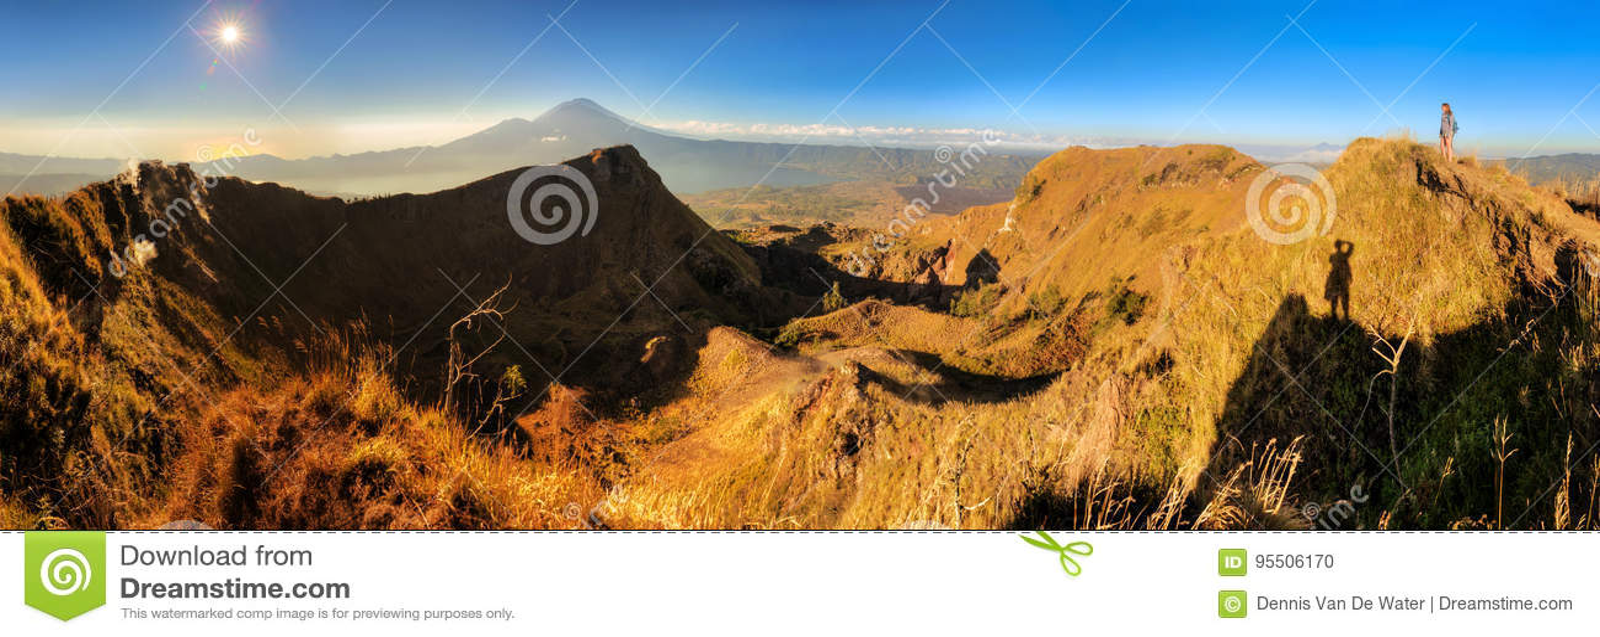 Mount Batur sunrise panorama